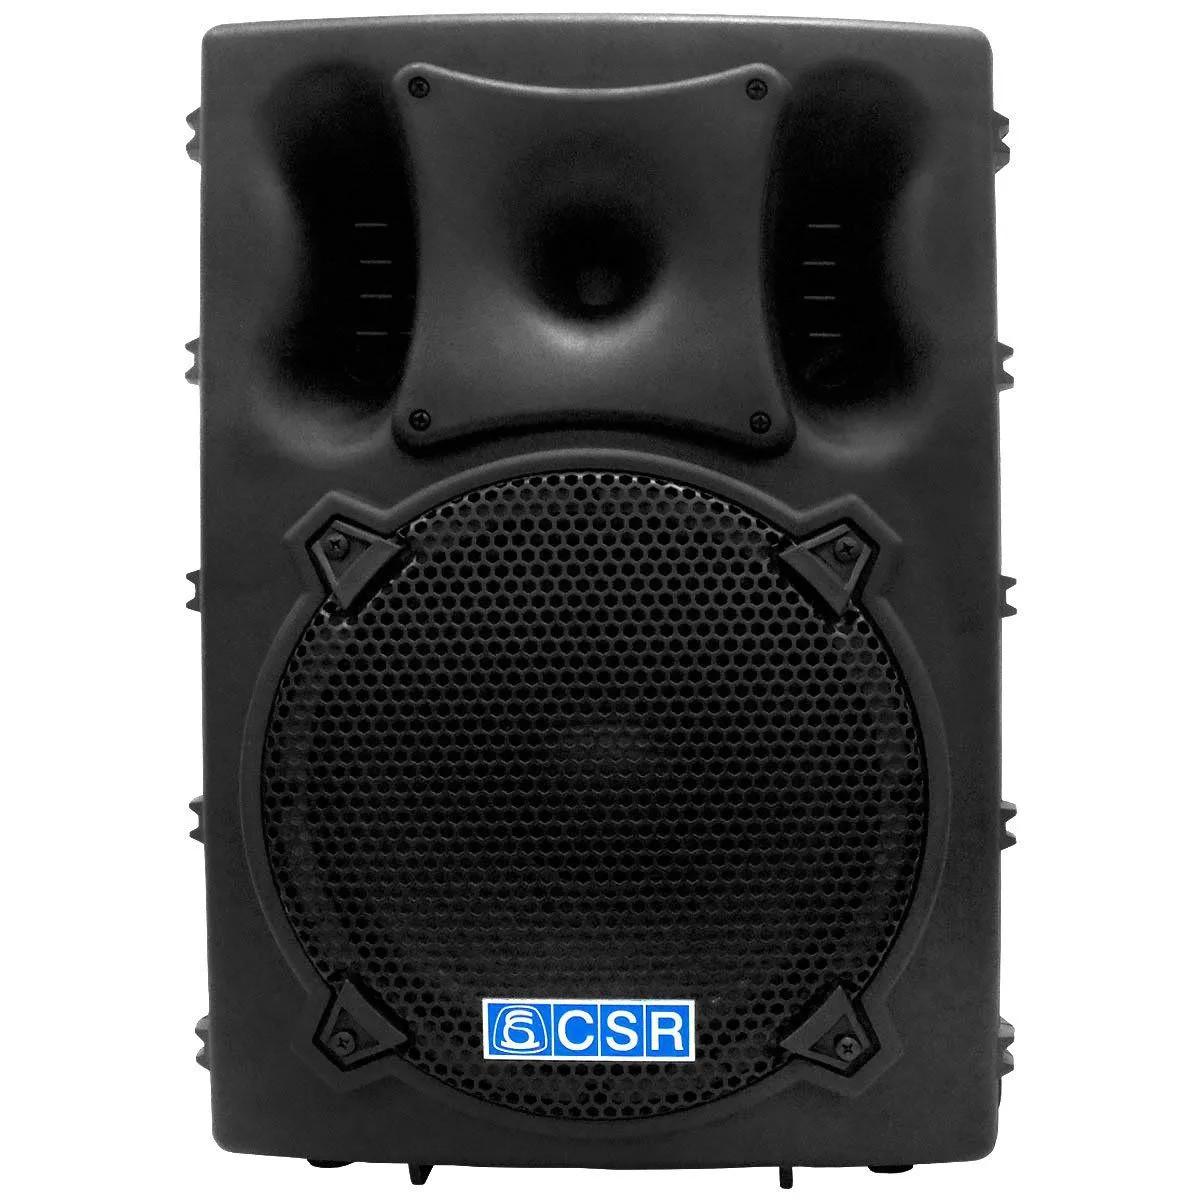 Caixa Acústica Ativa 12 Polegadas 200w Rms CSR 3000A